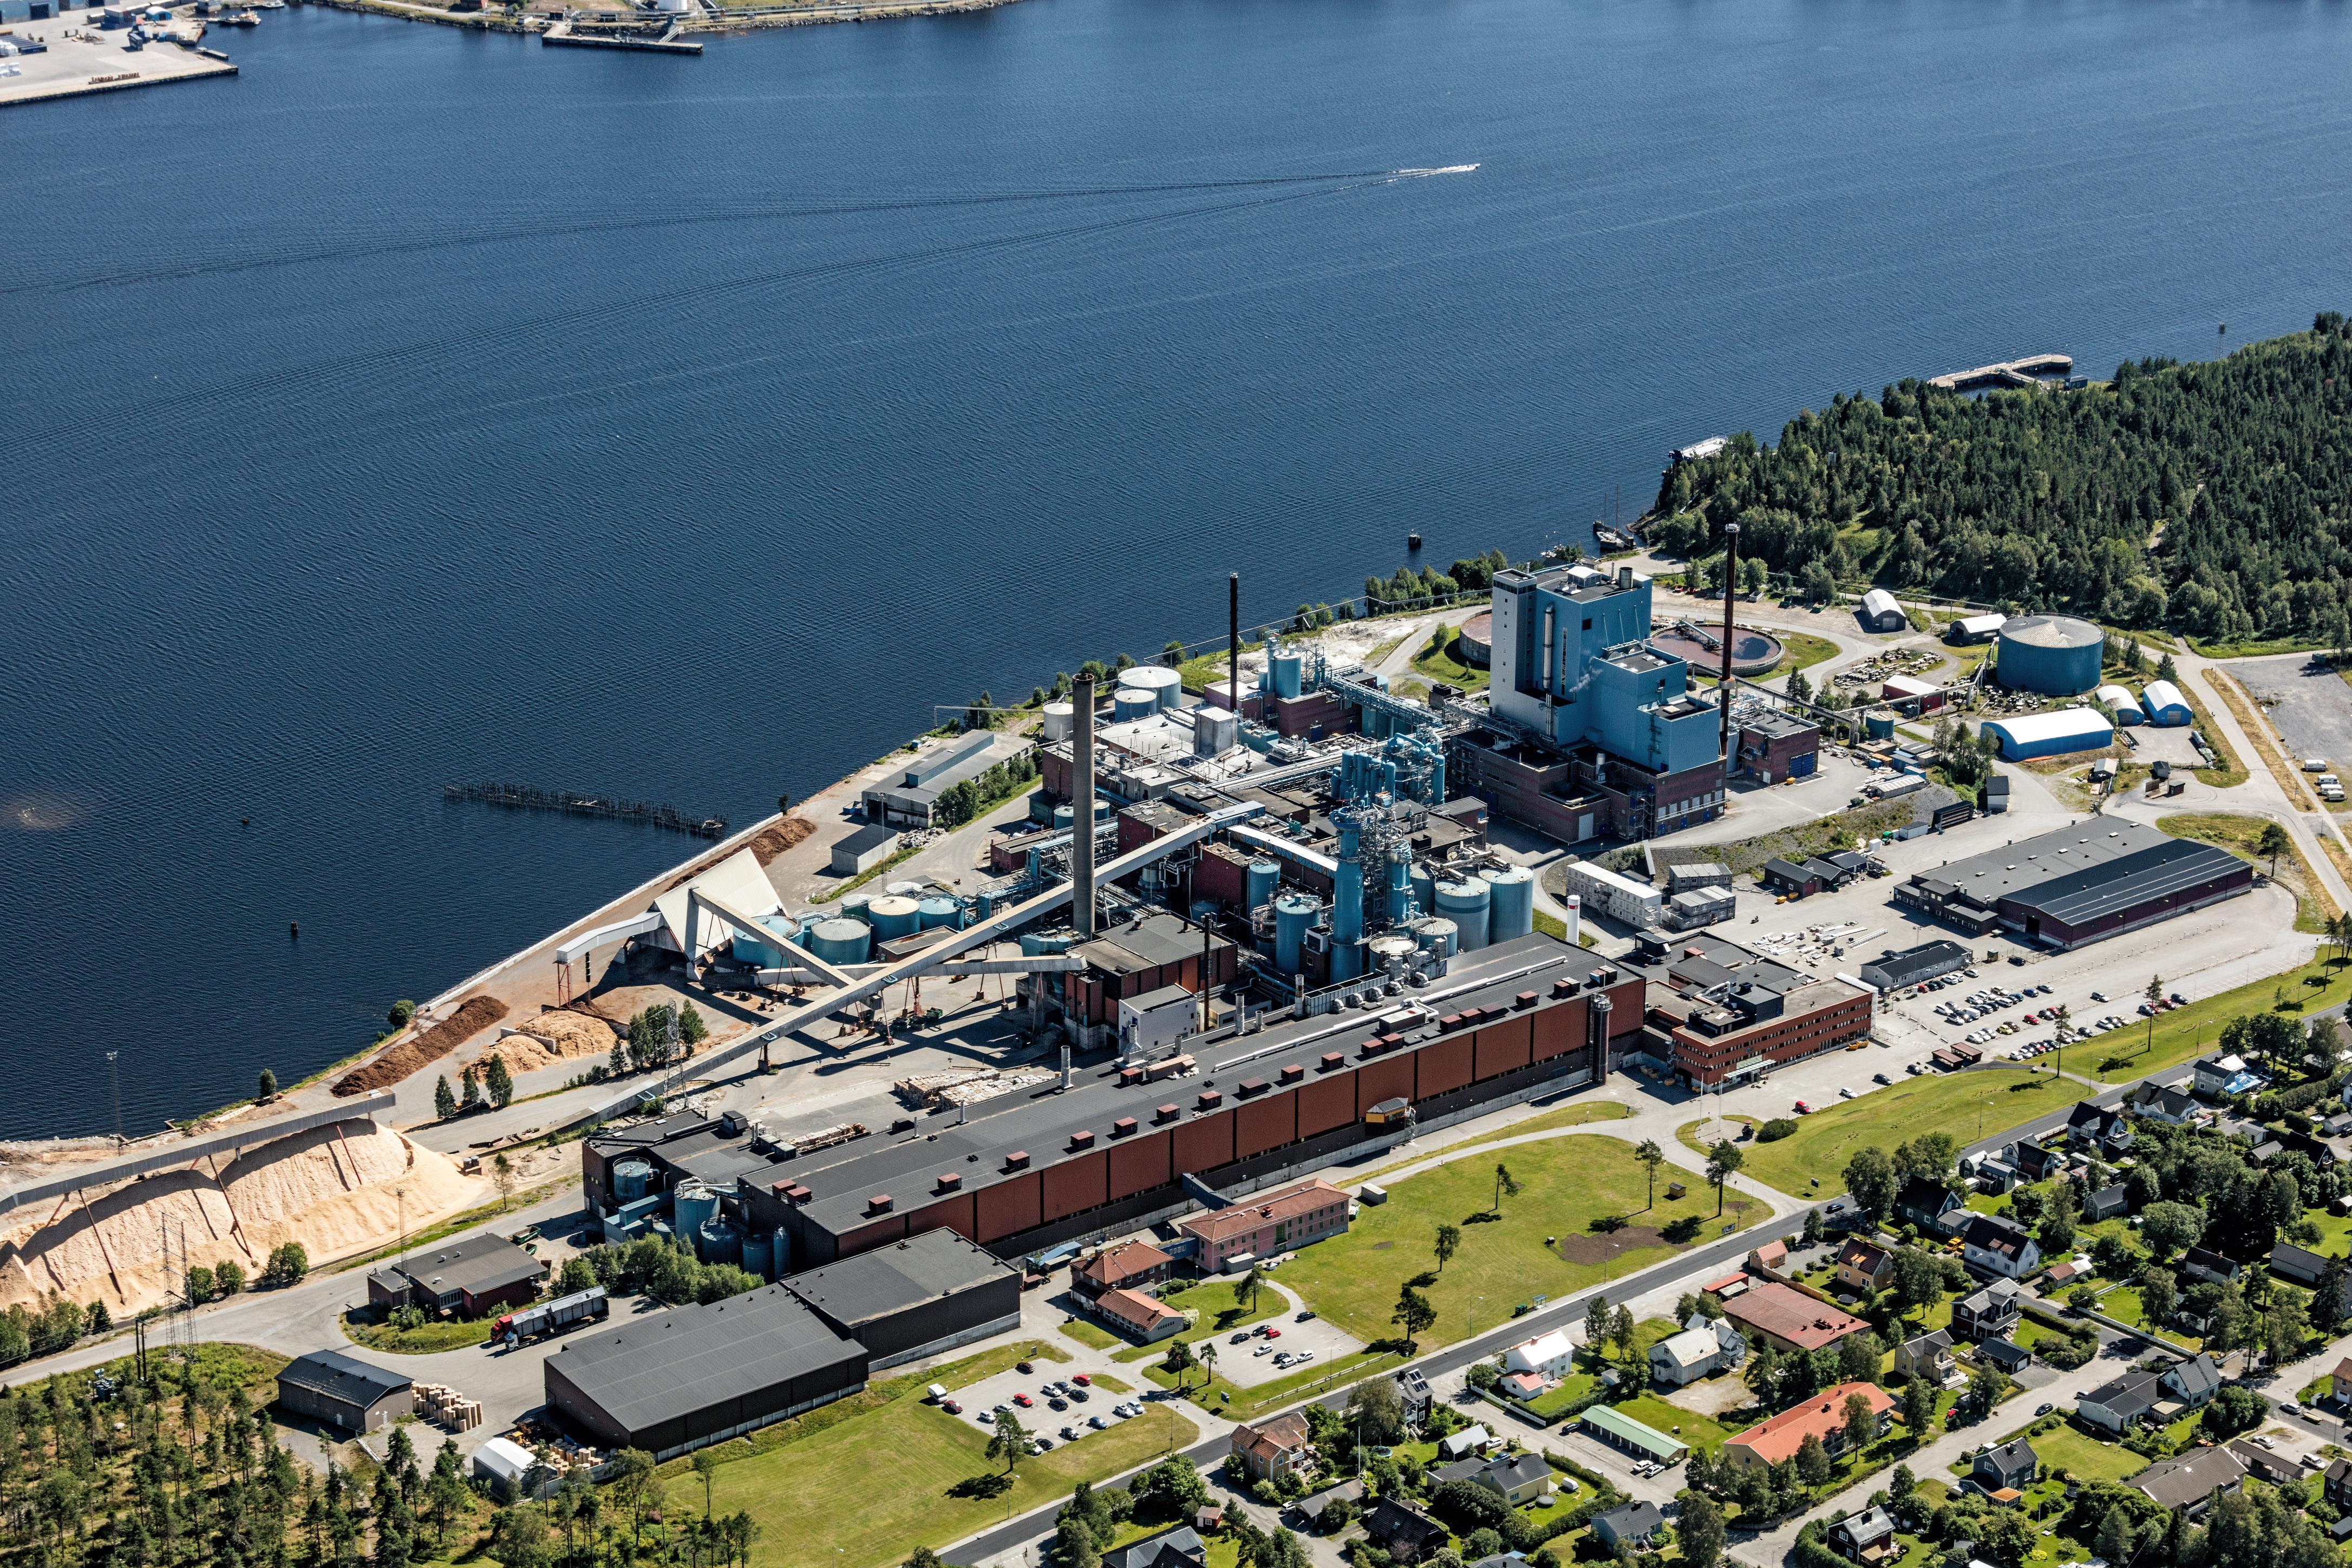 Valmet toimittaa keskeistä selluteknologiaa SCA:n Obbolan tehtaan uuden kraftlainerikoneen tuotannon kasvattamiseen. (Kuva: SCA/Bergslagsbild)